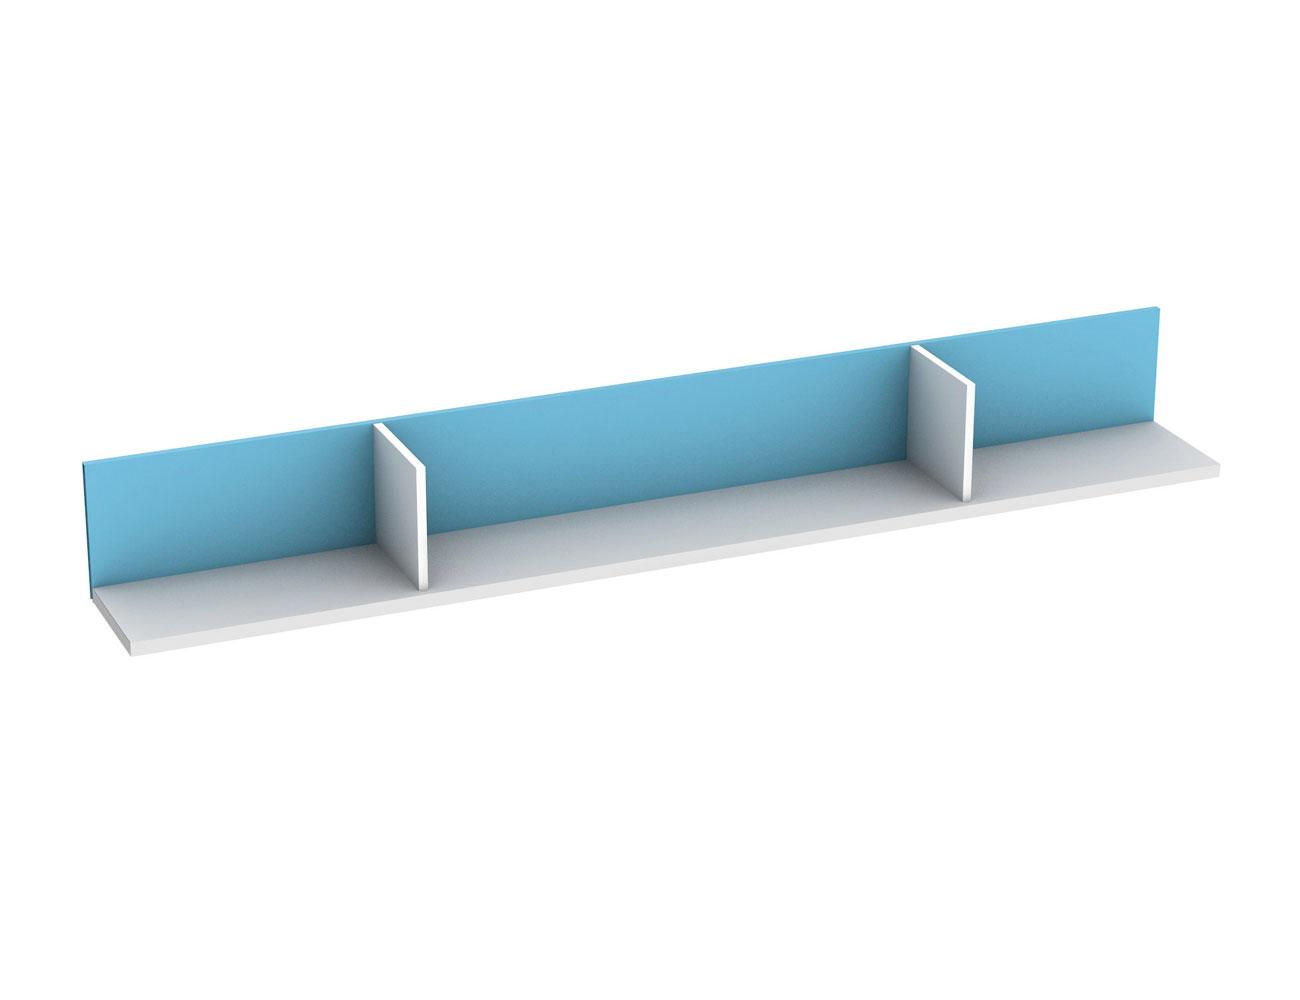 Estanteria horizontal blanca azul 808